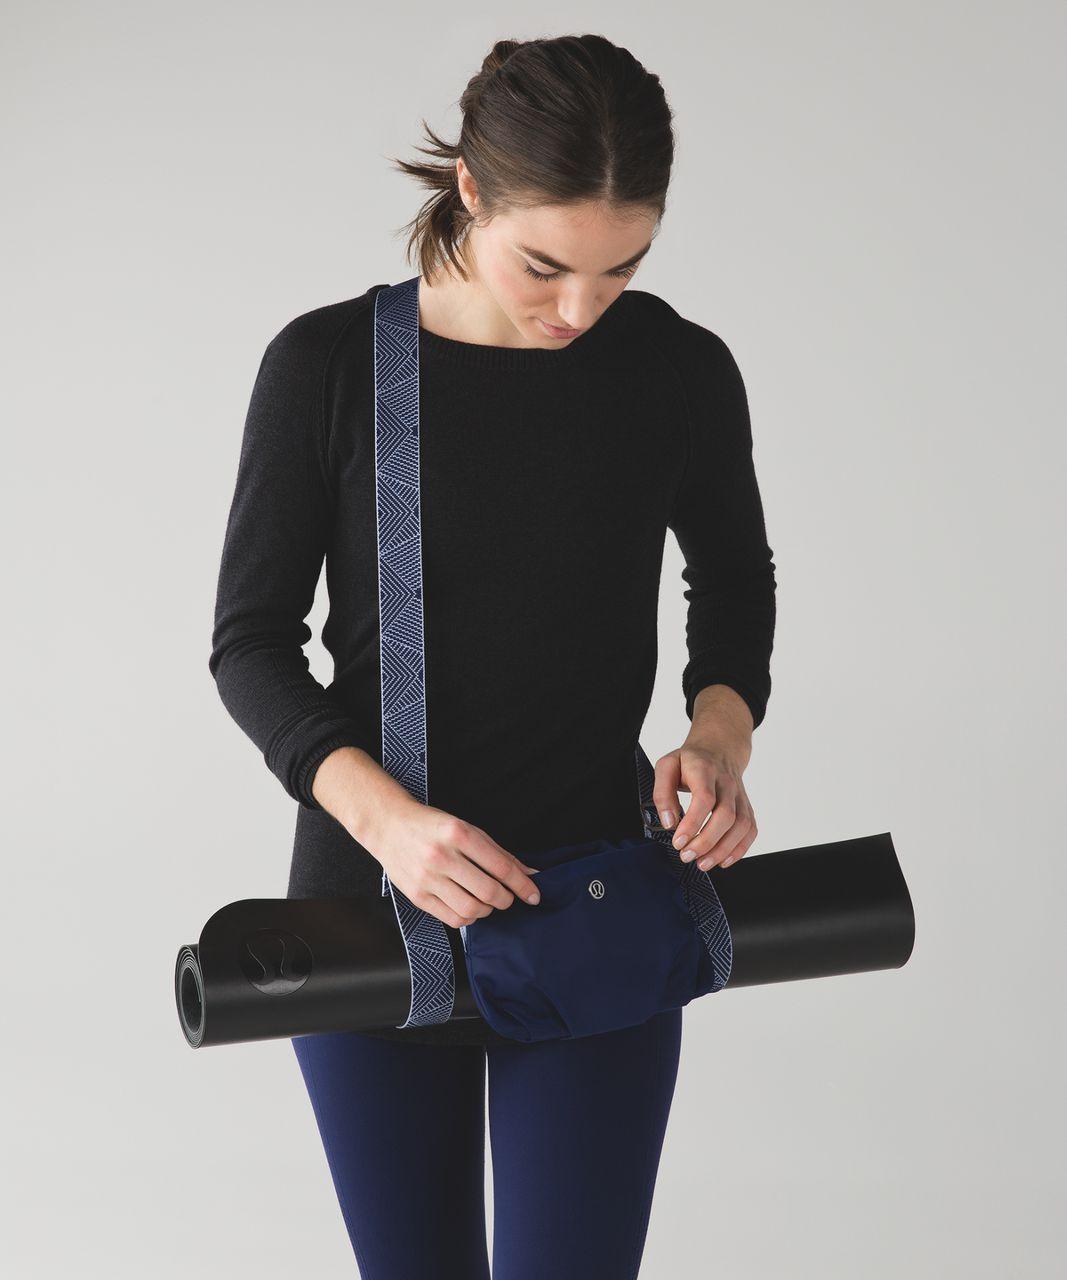 Lululemon Essential Mat Carrier